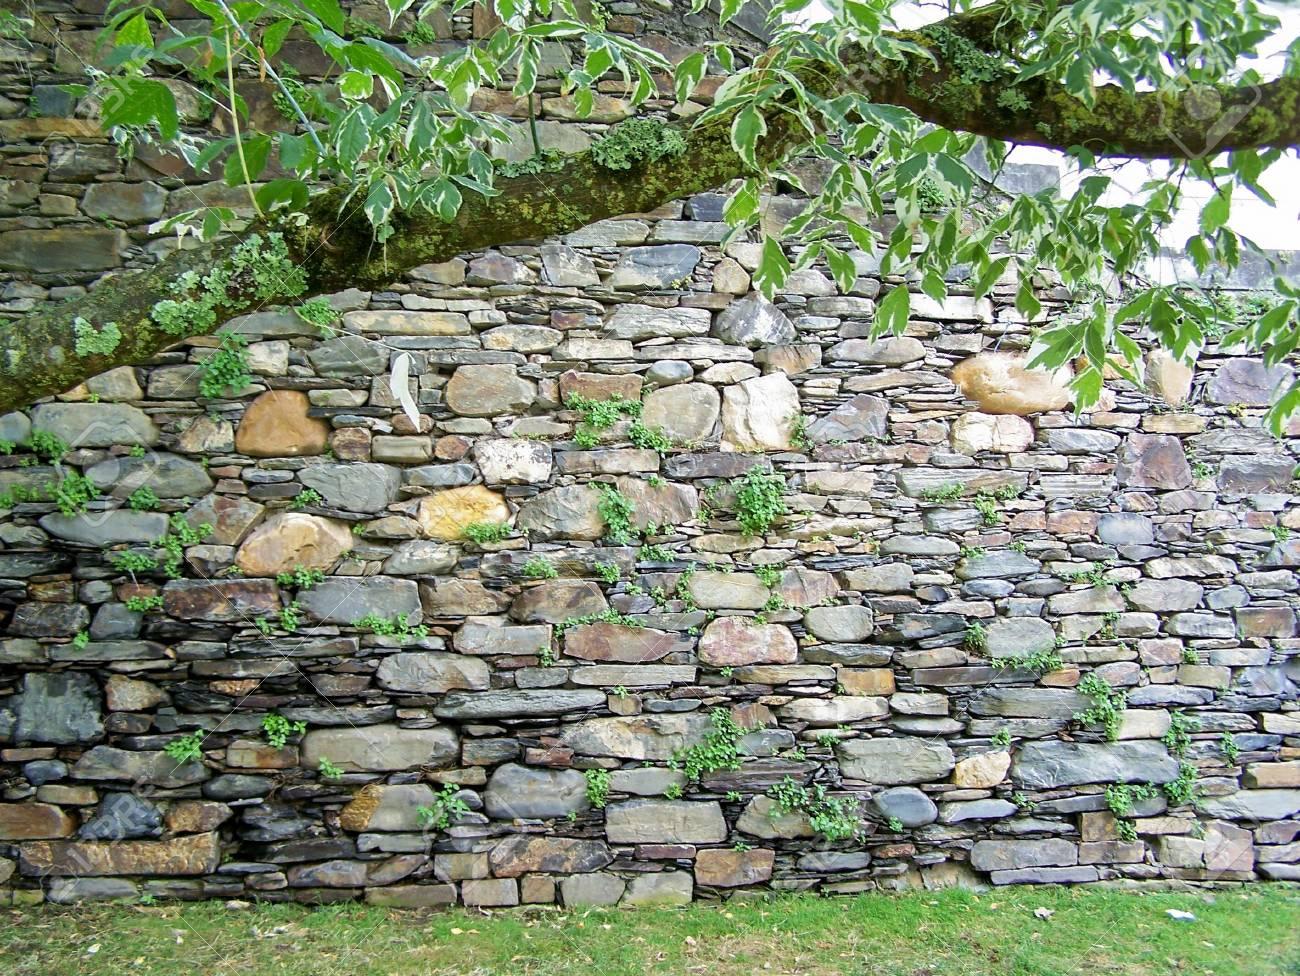 Garten Steinmauer Aspekt Lizenzfreie Fotos Bilder Und Stock